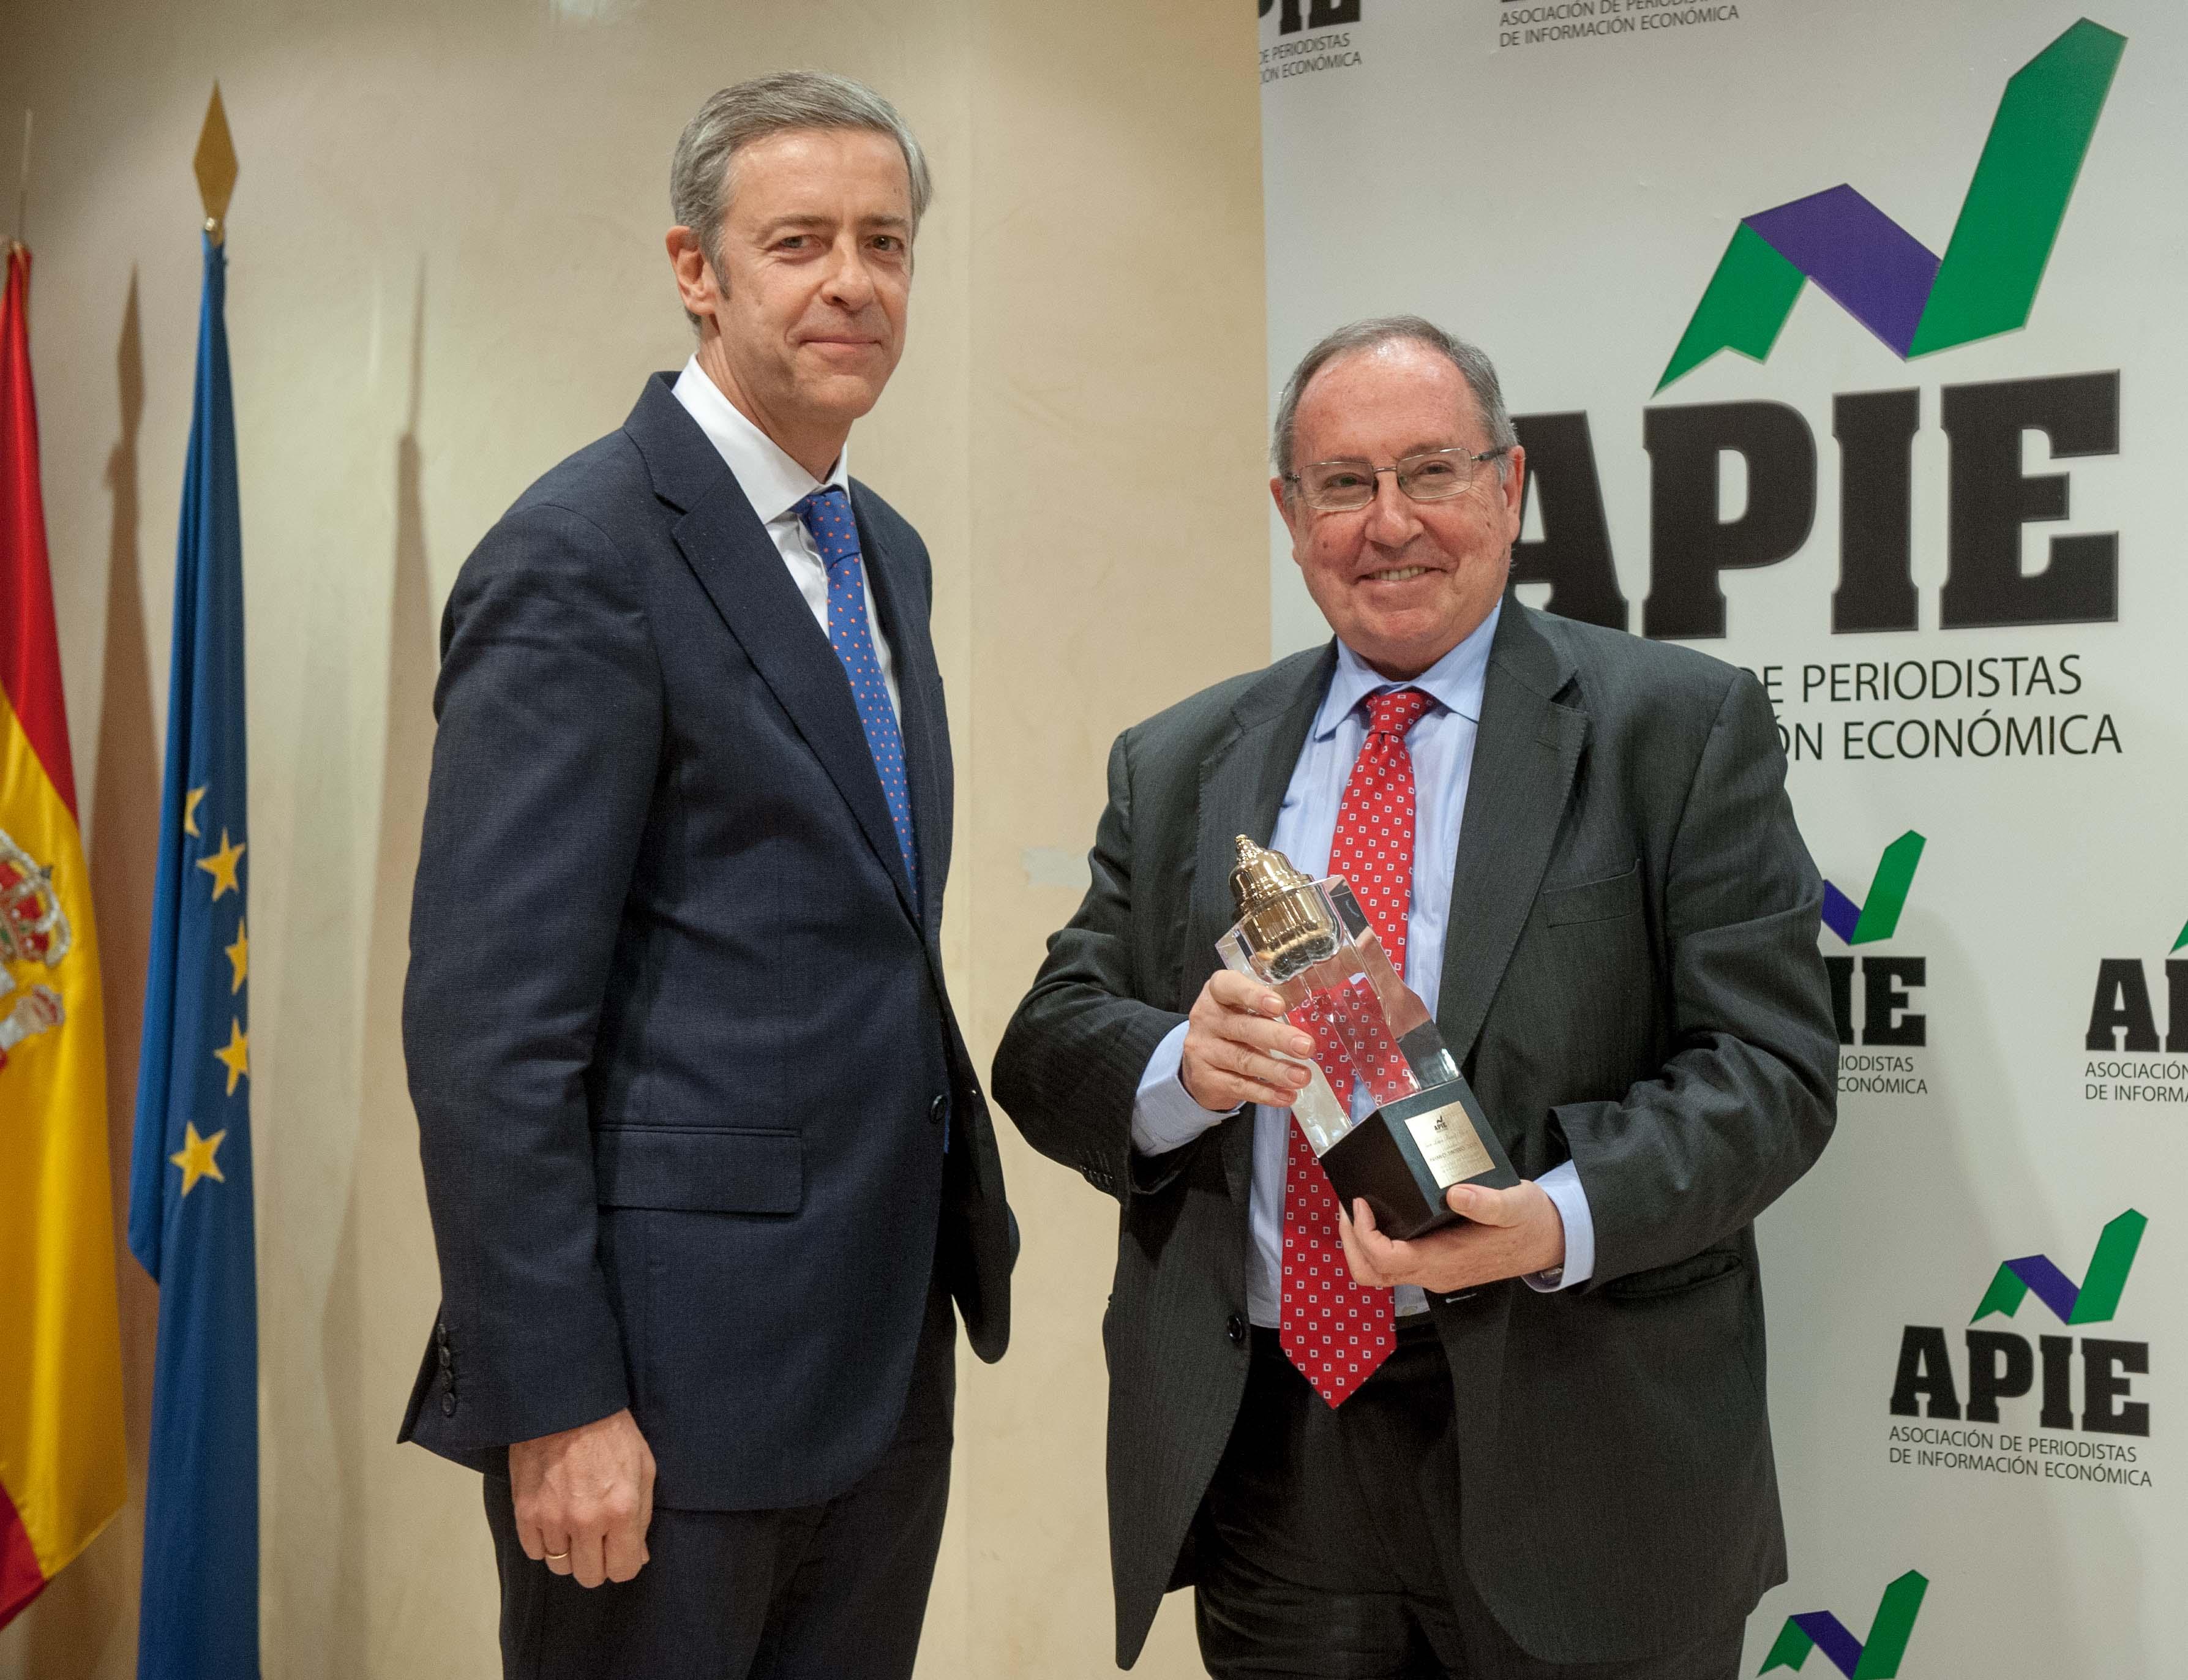 Jose Luis Bonet, presidente de la Cámara Oficial de Comercio, Industria, Servicios y Navegación de España, recibe su premio Tintero de manos de Iñigo de Barrón, presidente de APIE.